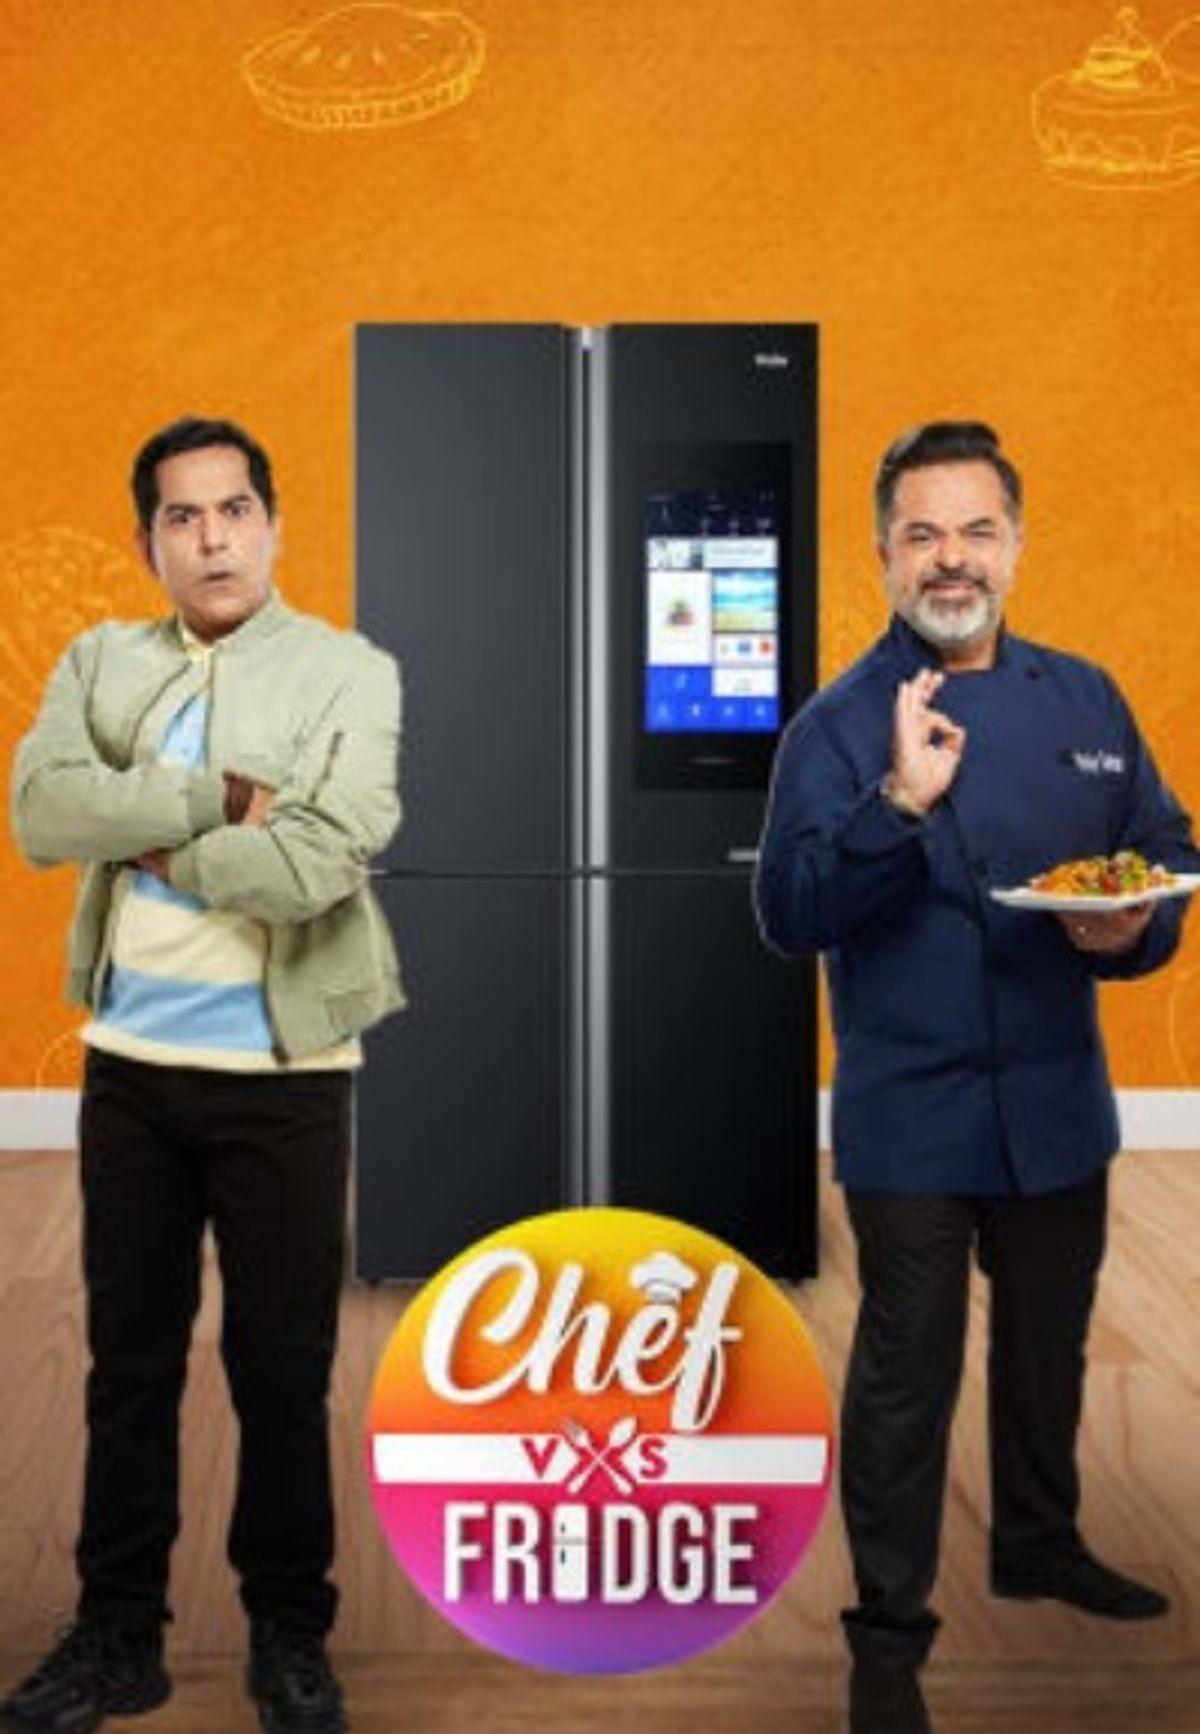 Chef vs Fridge